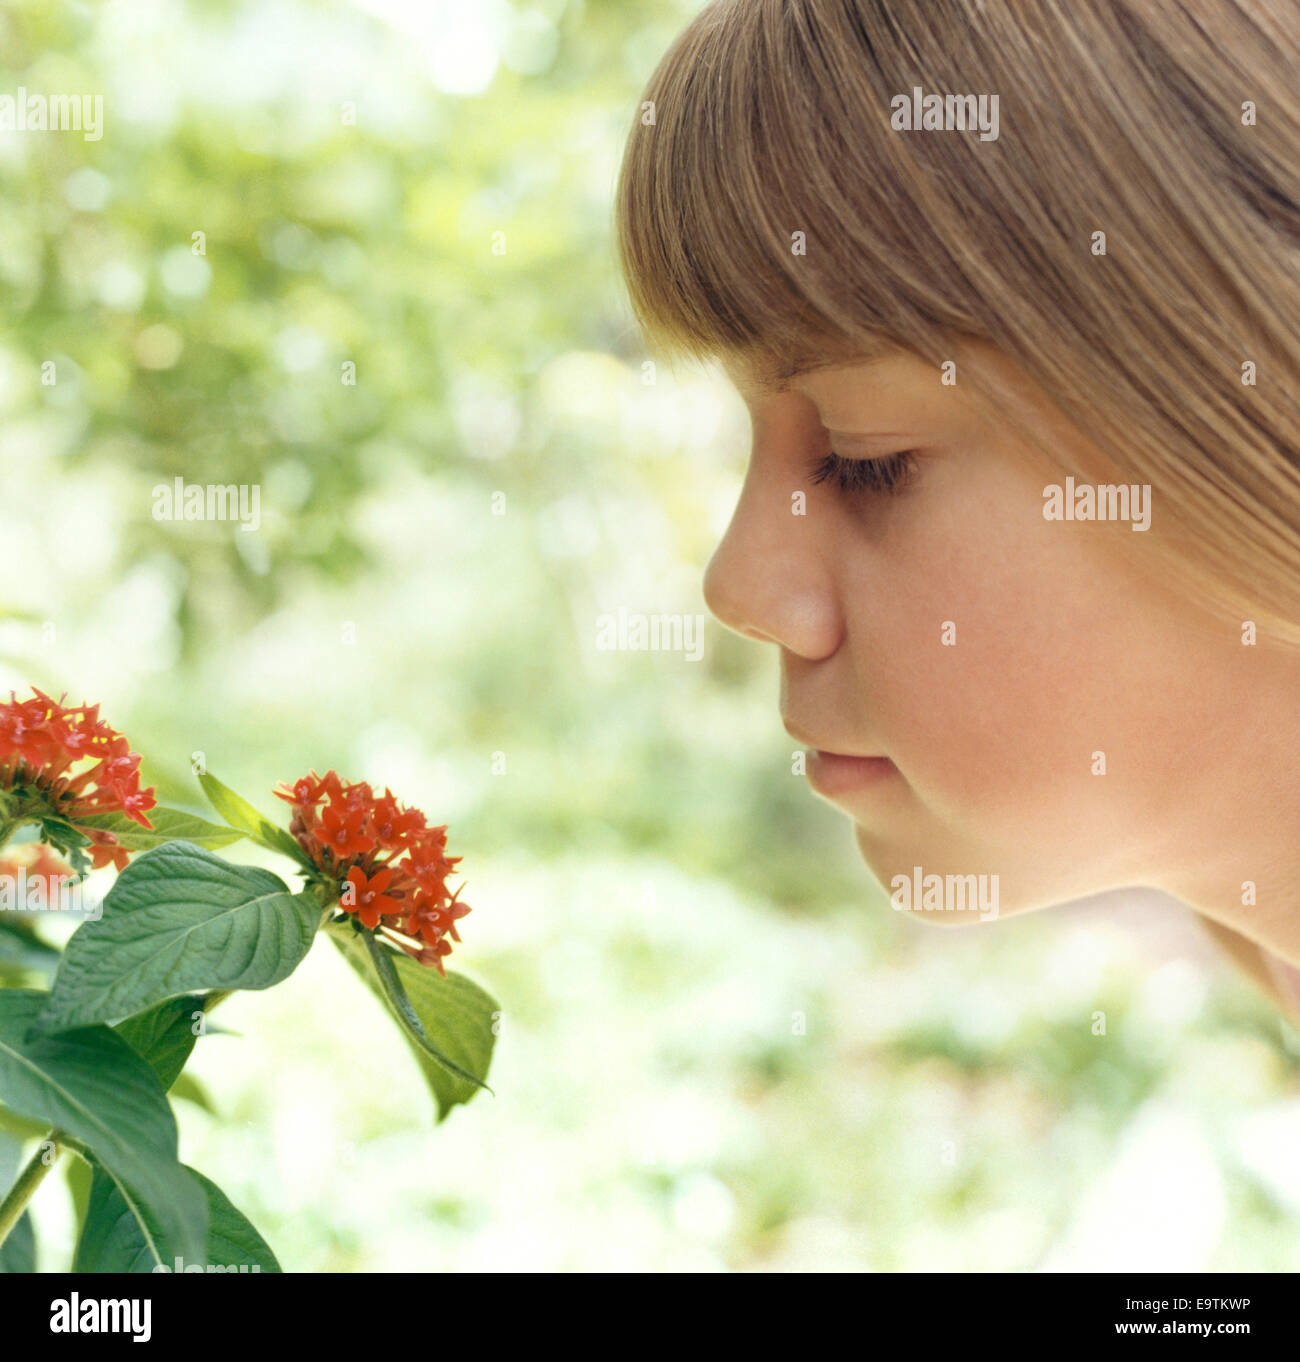 Girl Smelling Flower Photo Stock